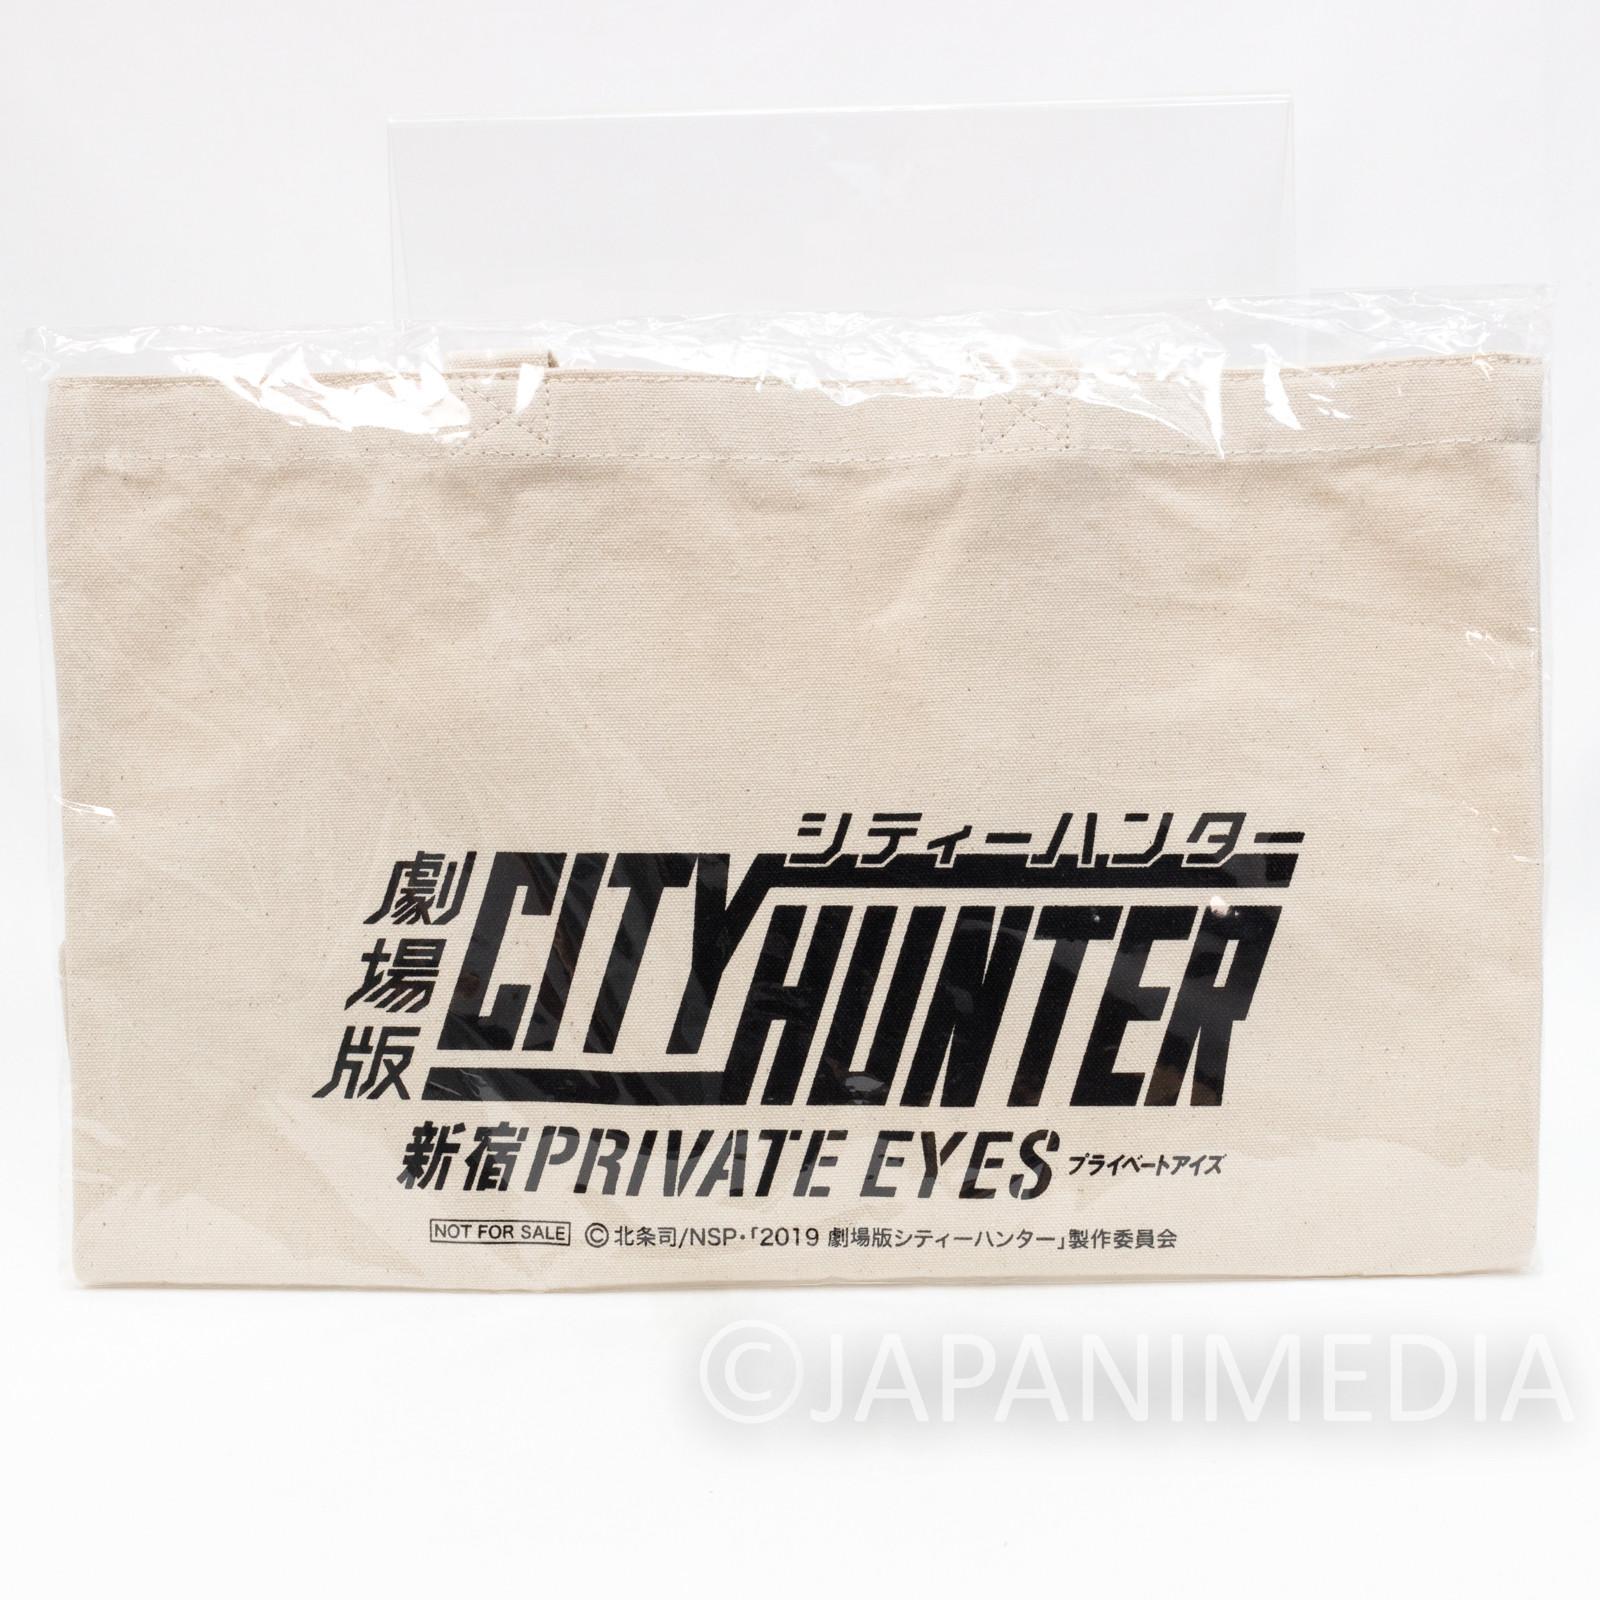 City Hunter Shinjuku Private Eyes Tote Bag Hojo Tsukasa